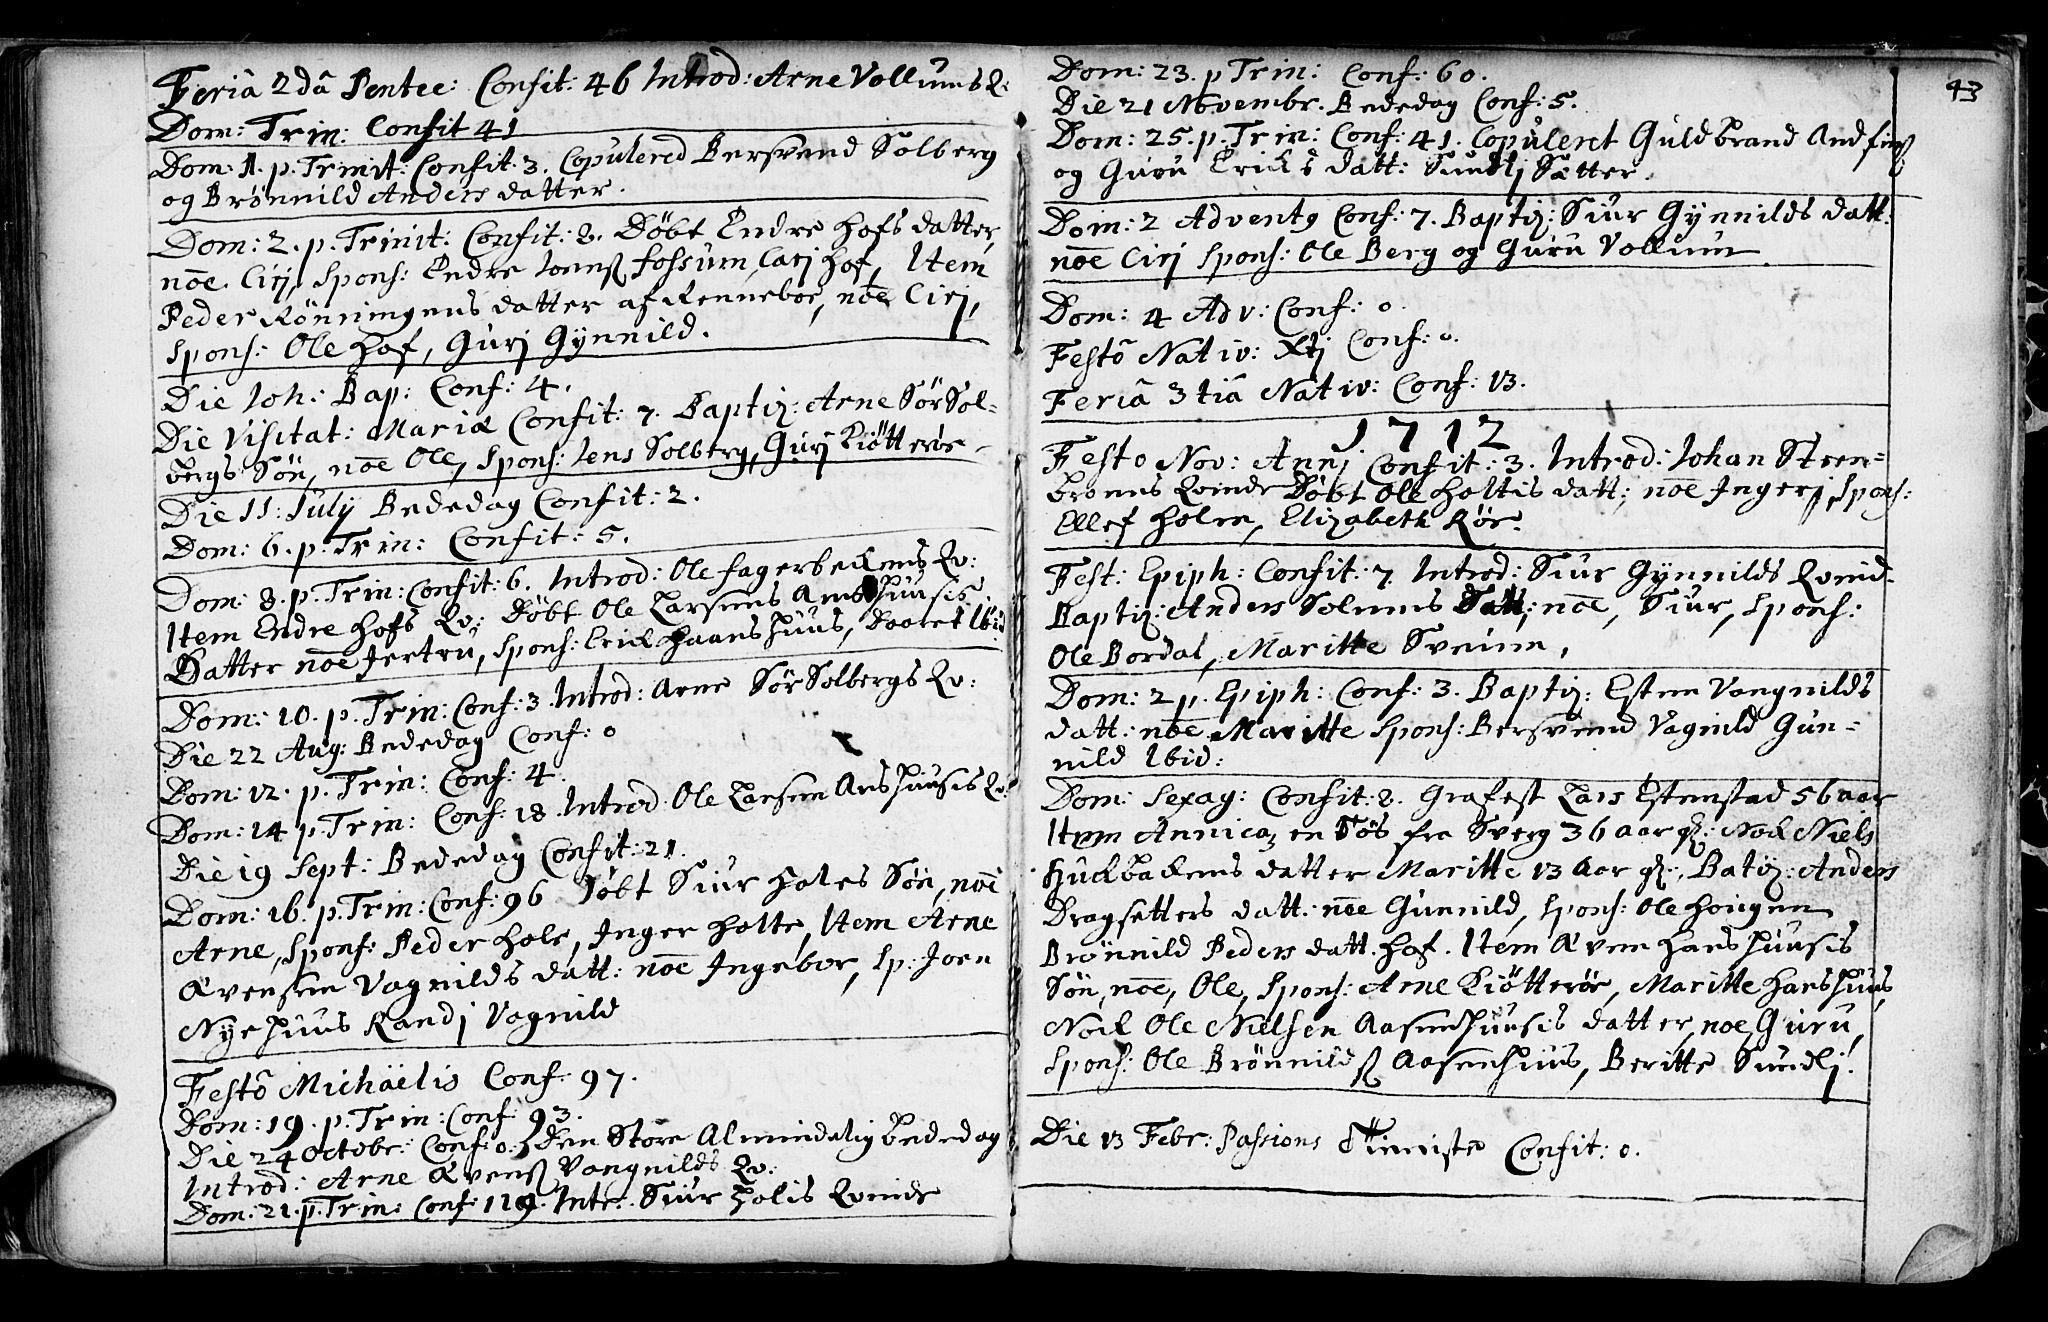 SAT, Ministerialprotokoller, klokkerbøker og fødselsregistre - Sør-Trøndelag, 689/L1036: Ministerialbok nr. 689A01, 1696-1746, s. 43